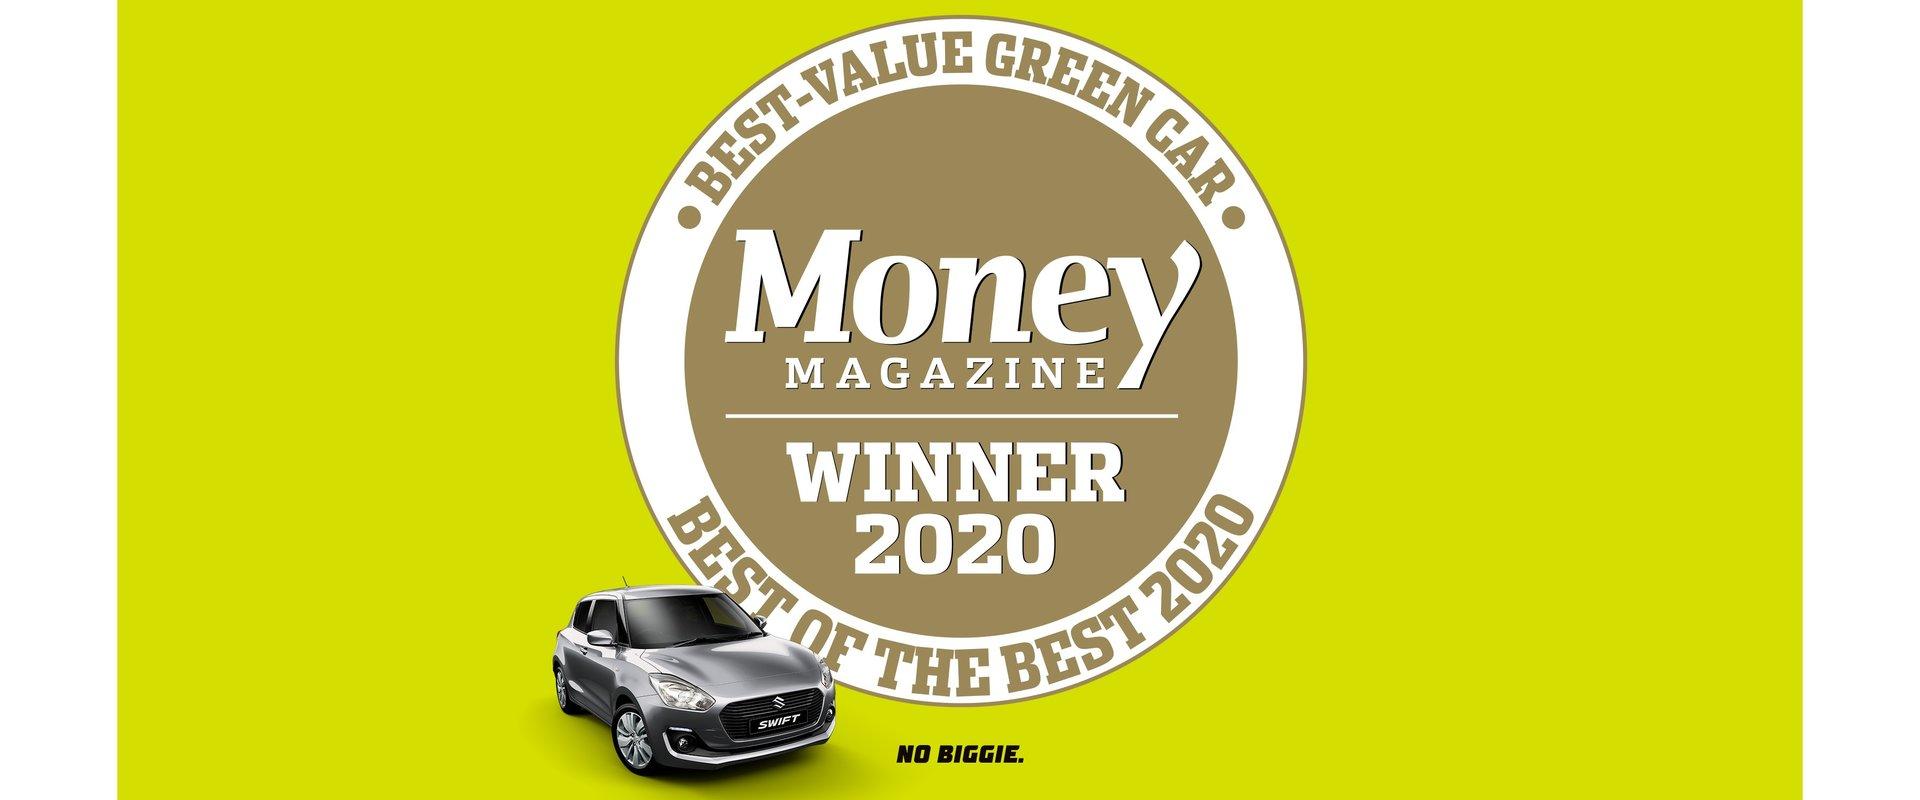 Money Magazine Winner 2020